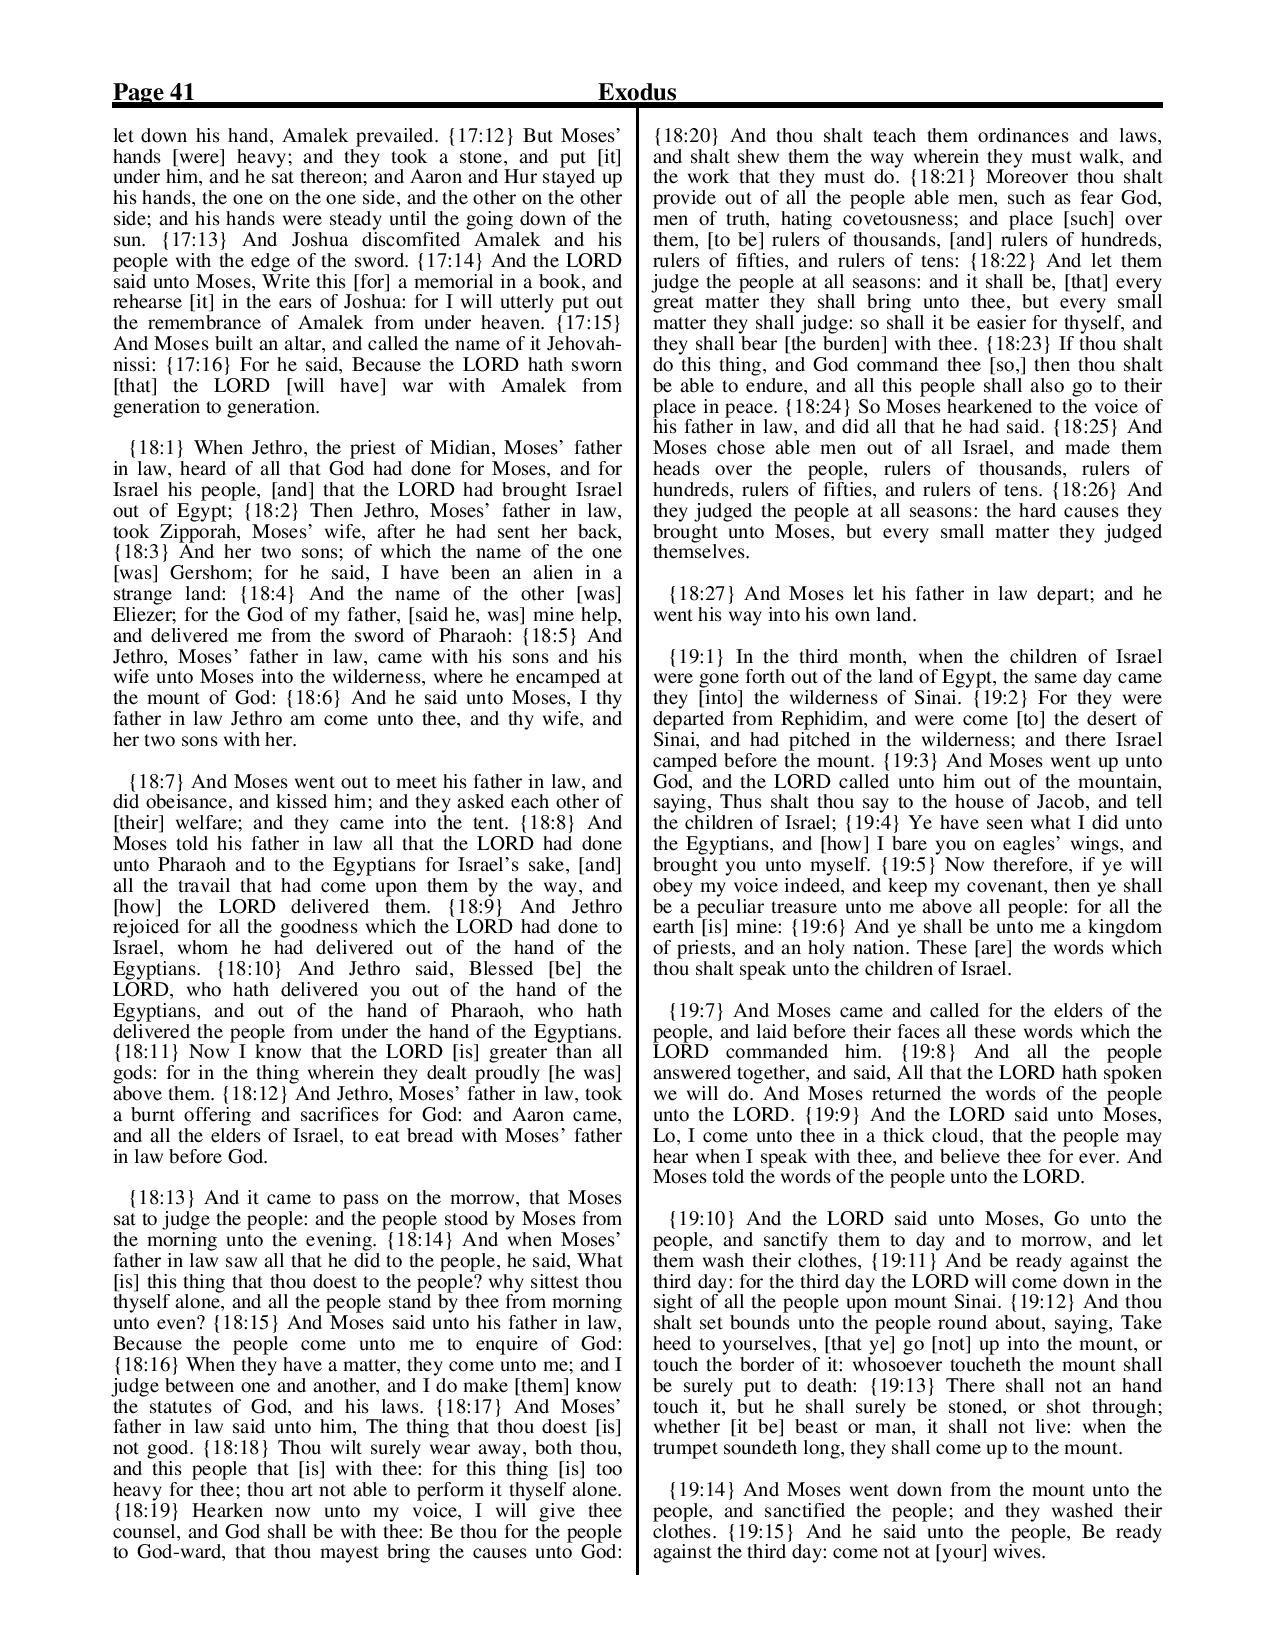 King-James-Bible-KJV-Bible-PDF-page-062